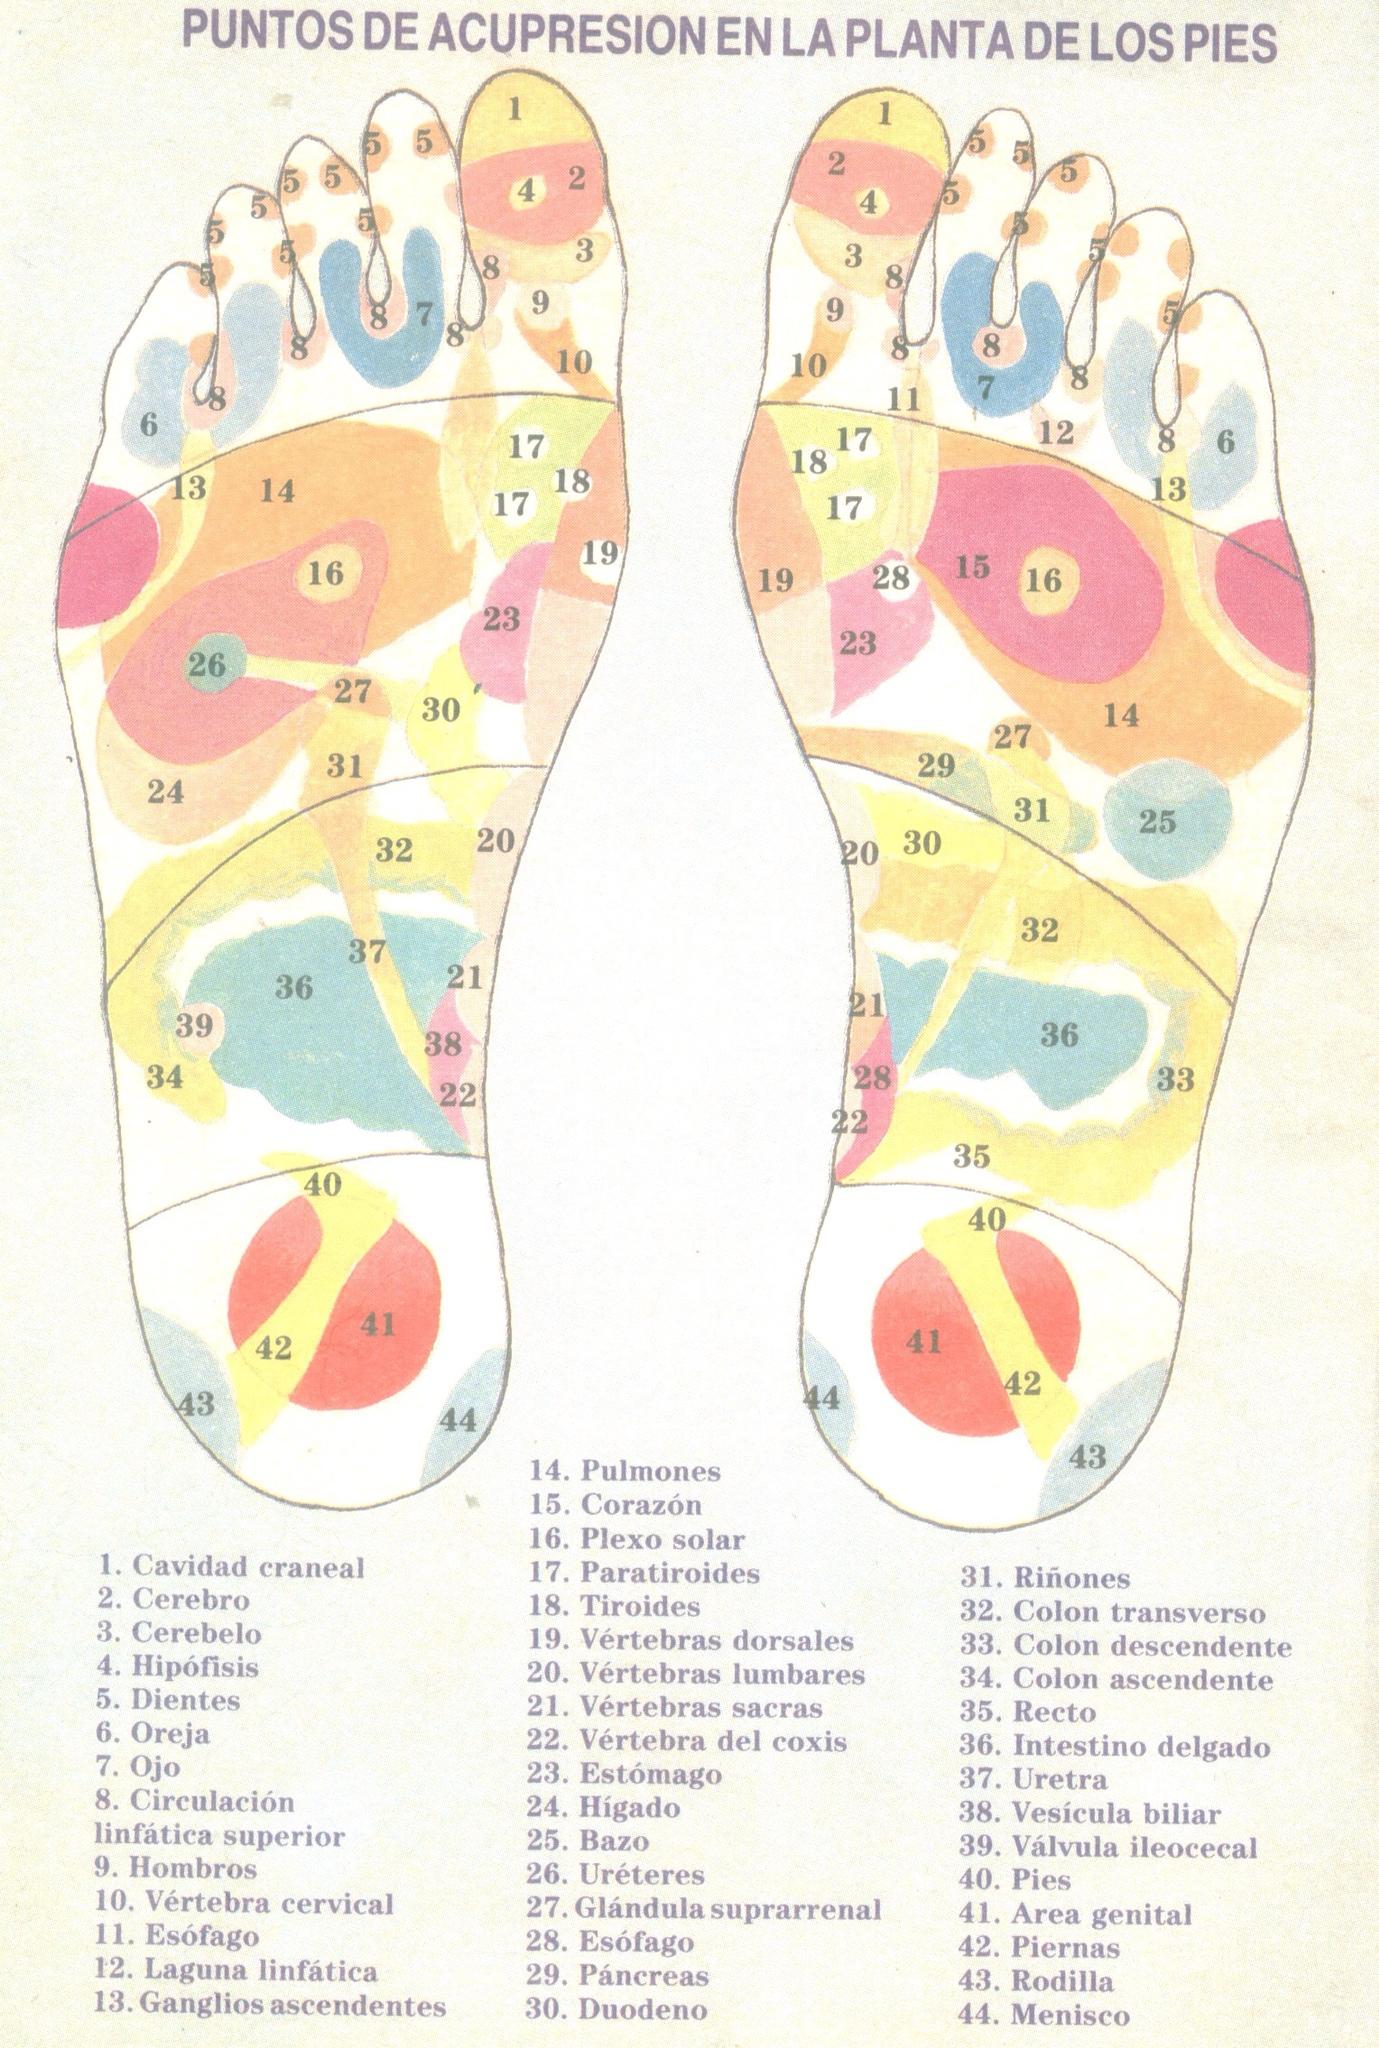 Puntos de acupresión en la planta de los pies